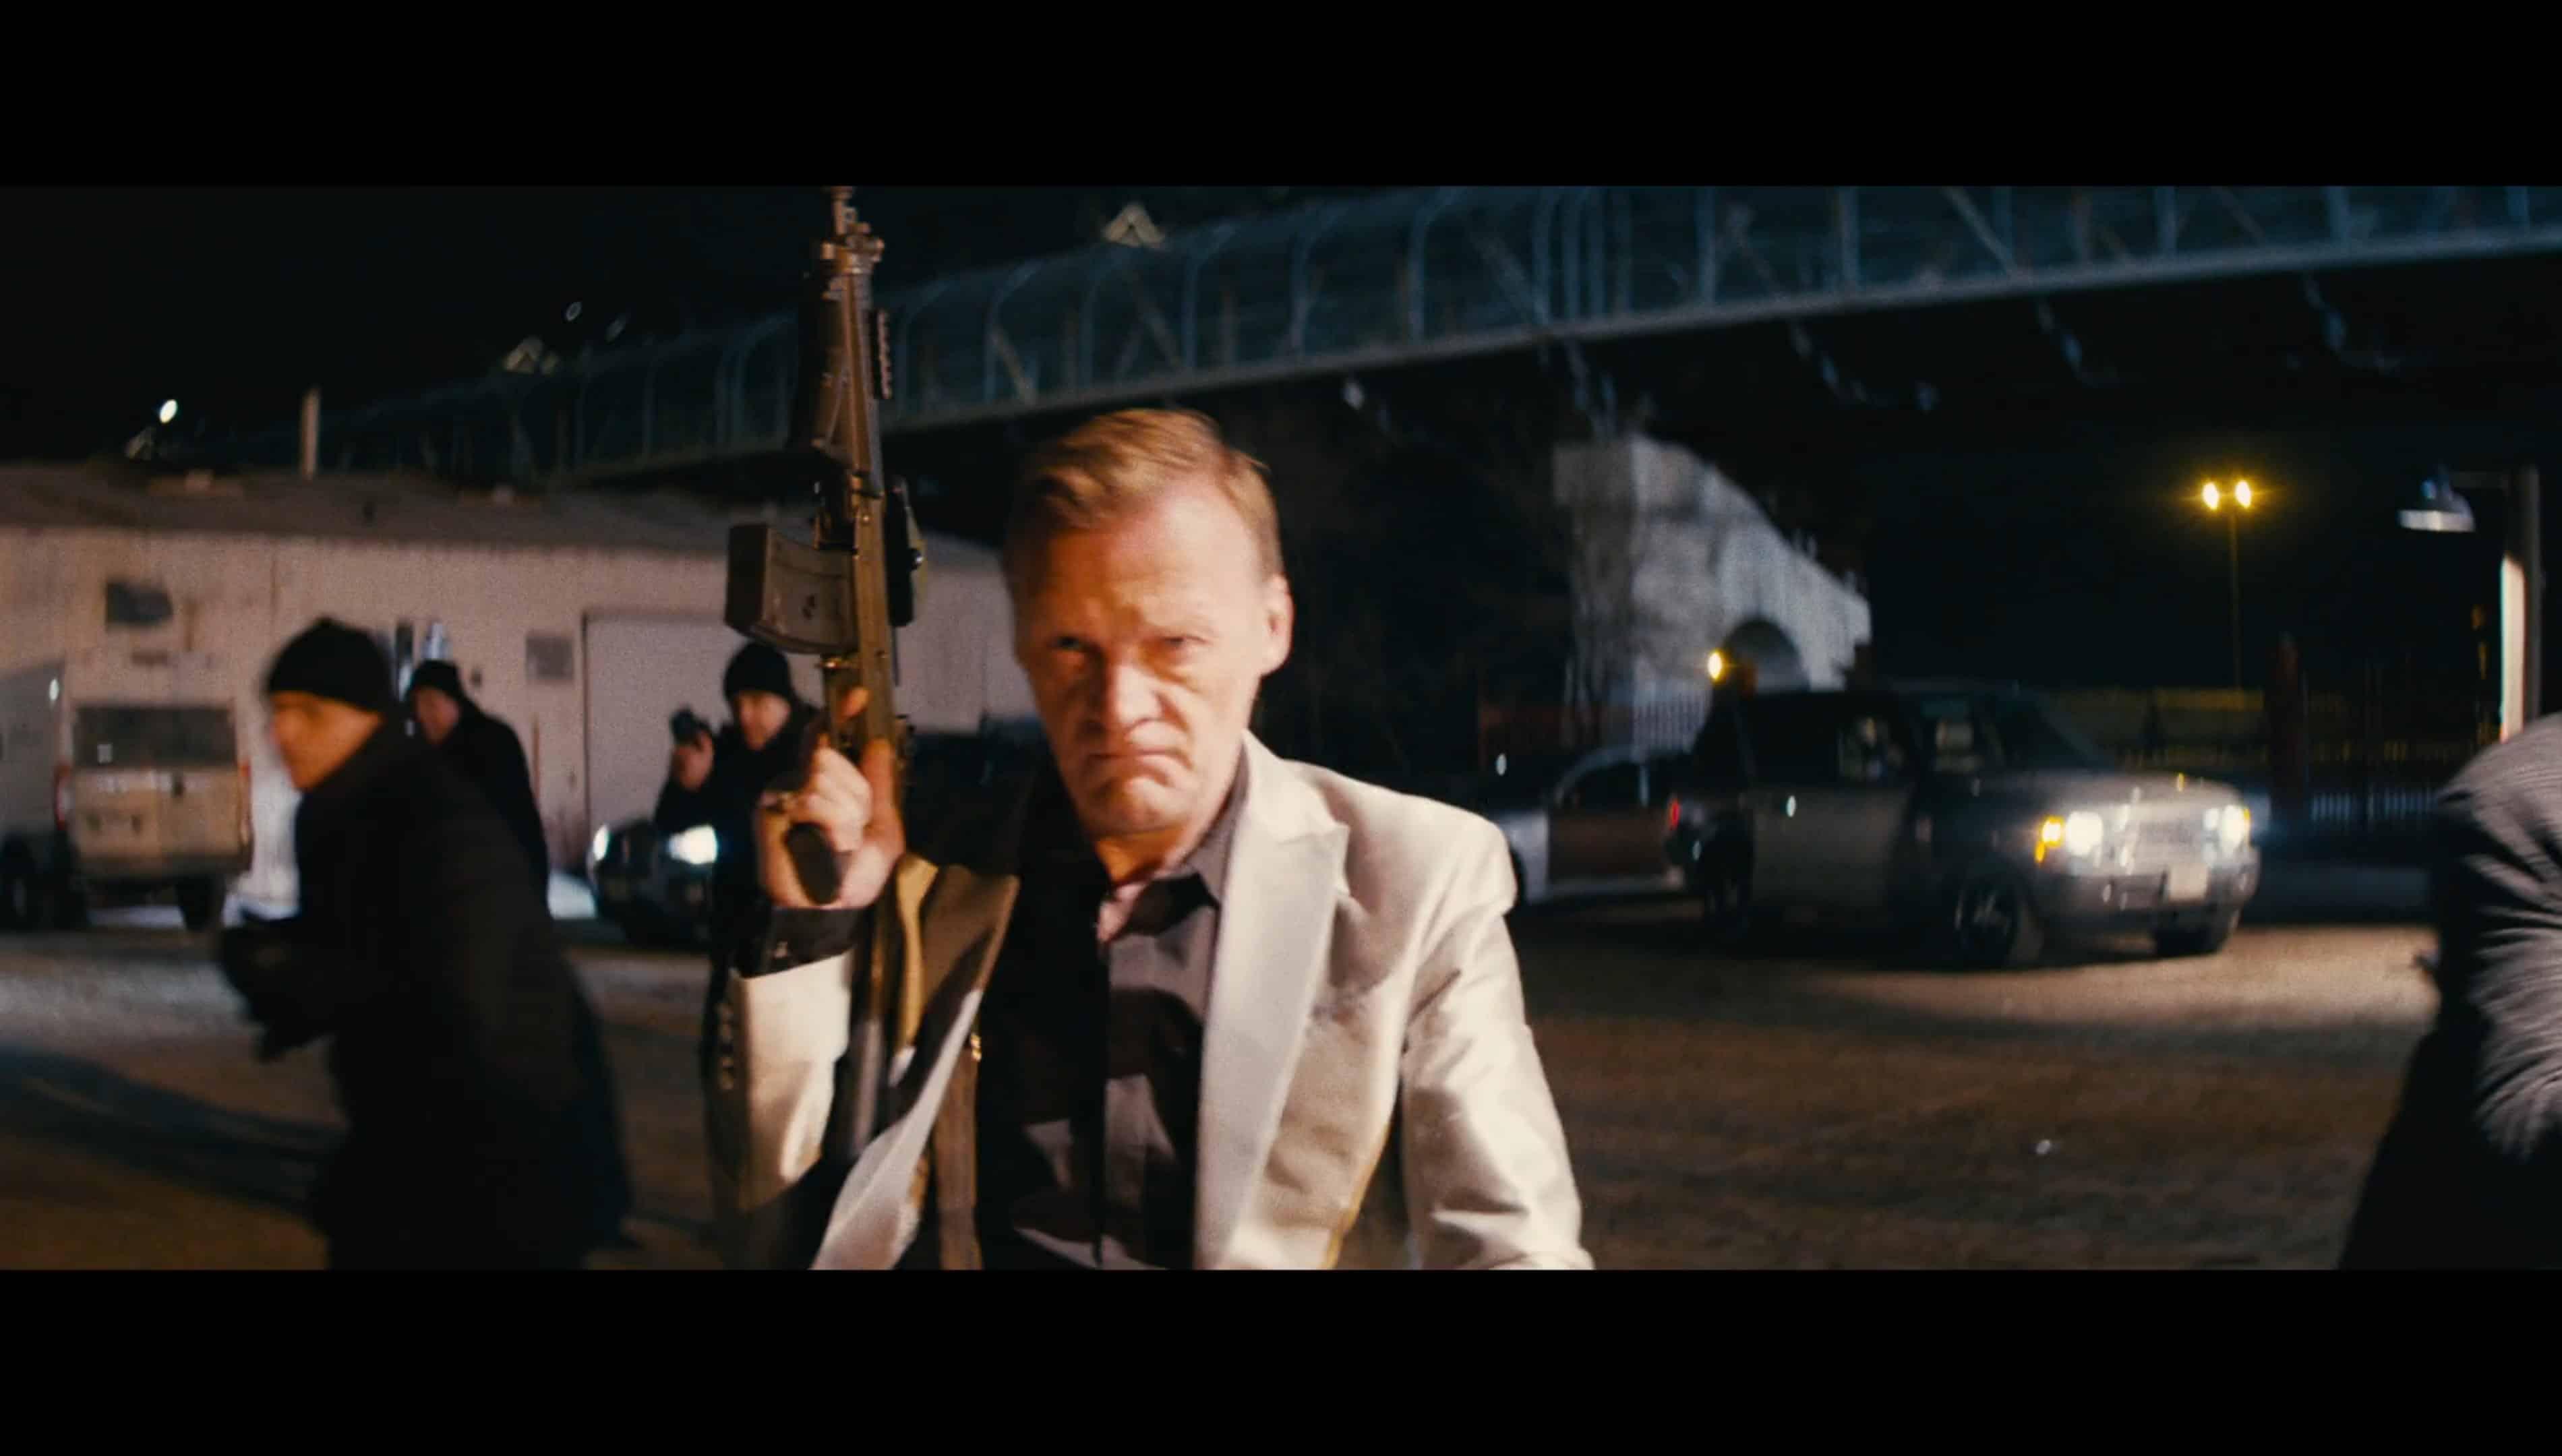 Yulian Kuznetsov (Alexey Serebryakov) with a gun in hand | Nobody (Universal)